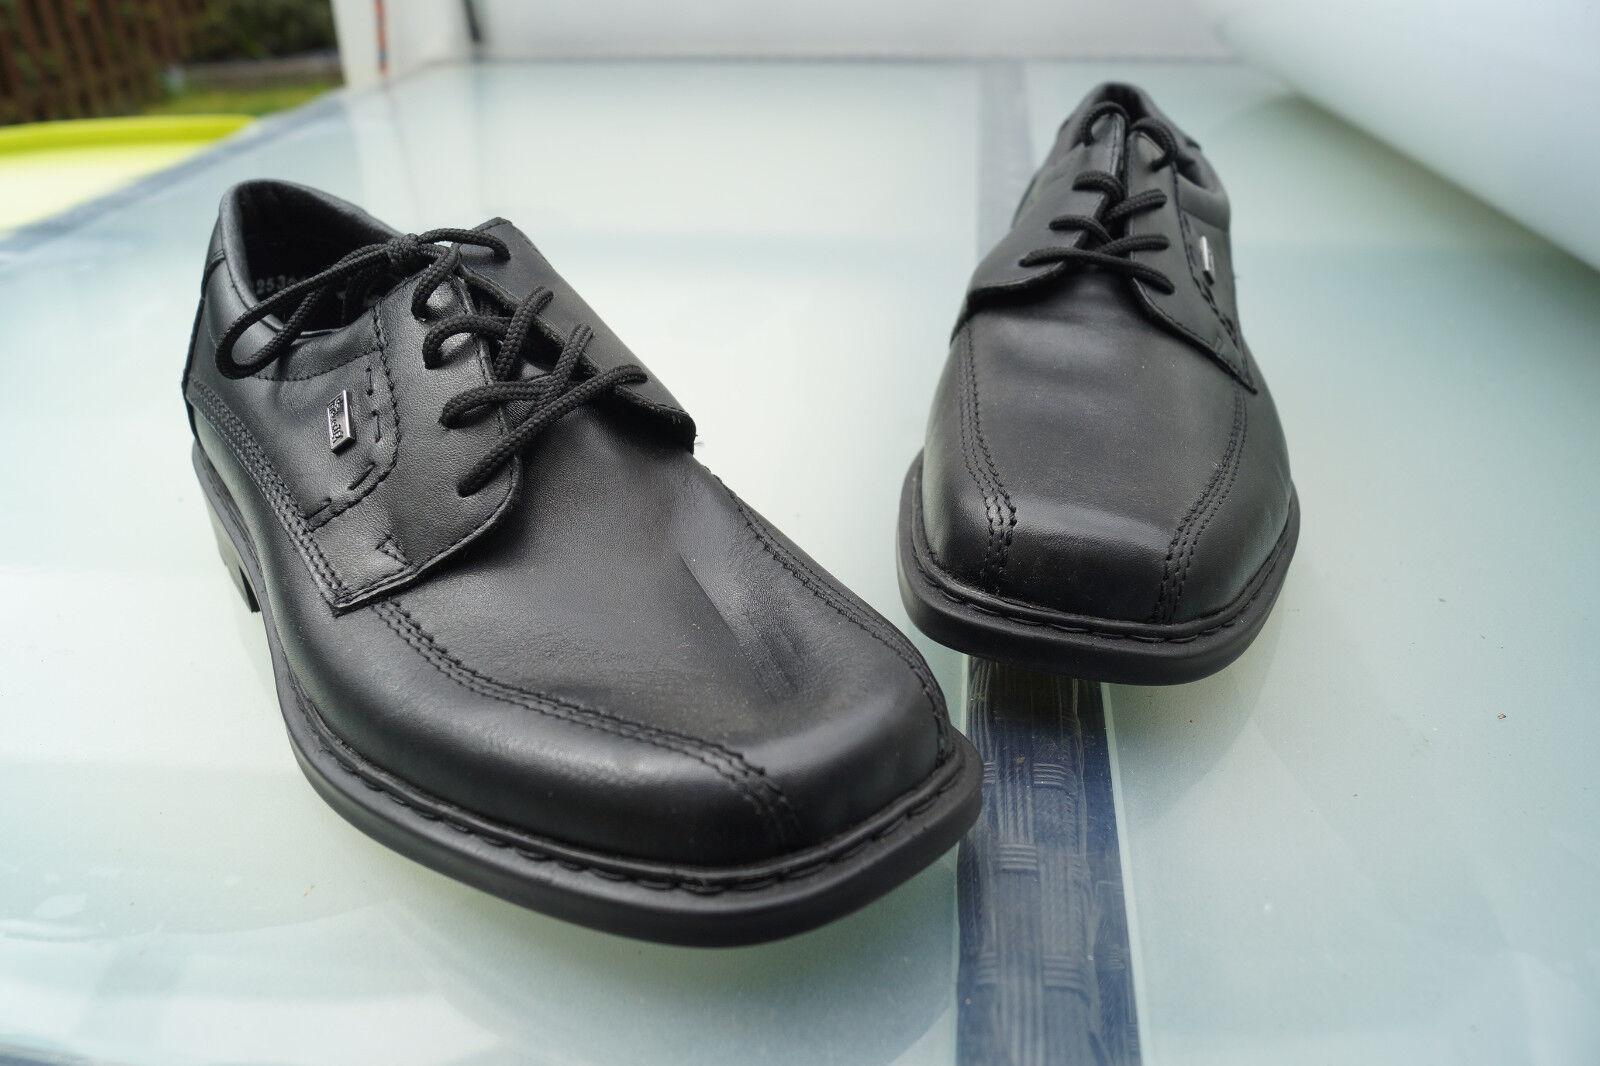 RIEKER riekertex Herren Comfort Business Schuhe NEU bequem Gr.41 schwarz Leder NEU Schuhe d9c385